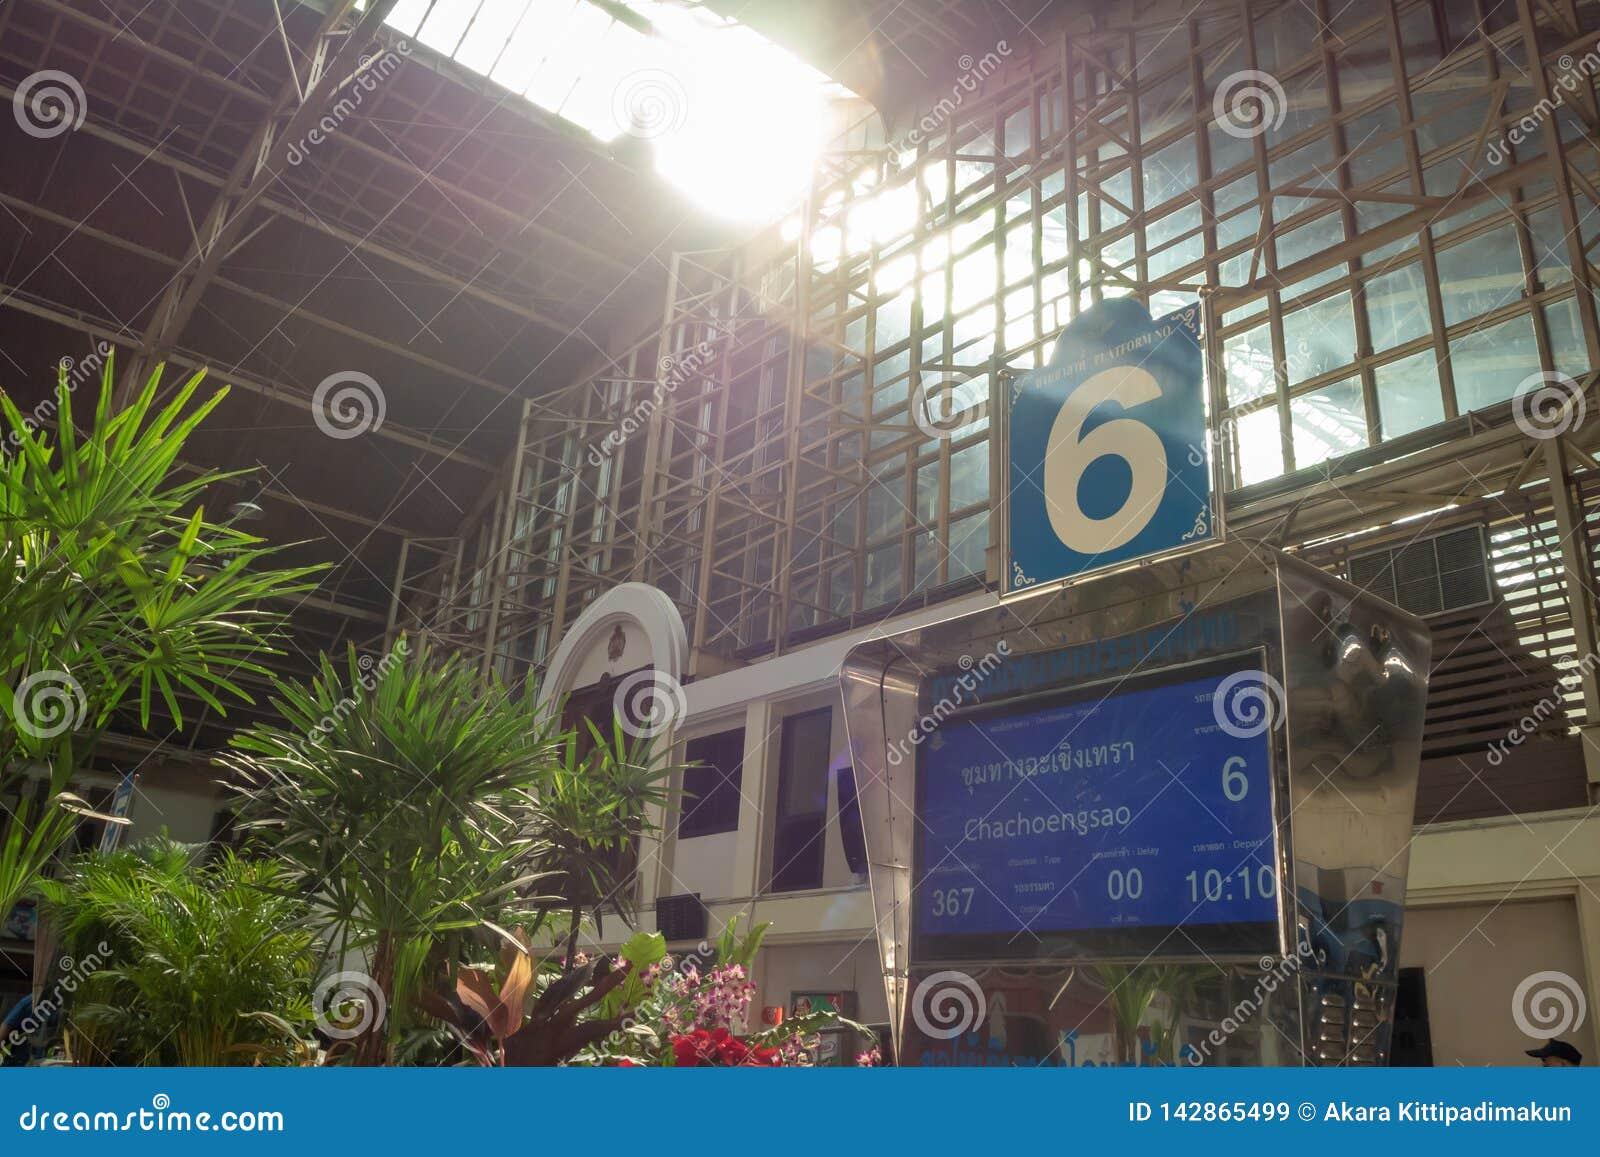 Plate-forme numéro 6 dans la gare ferroviaire